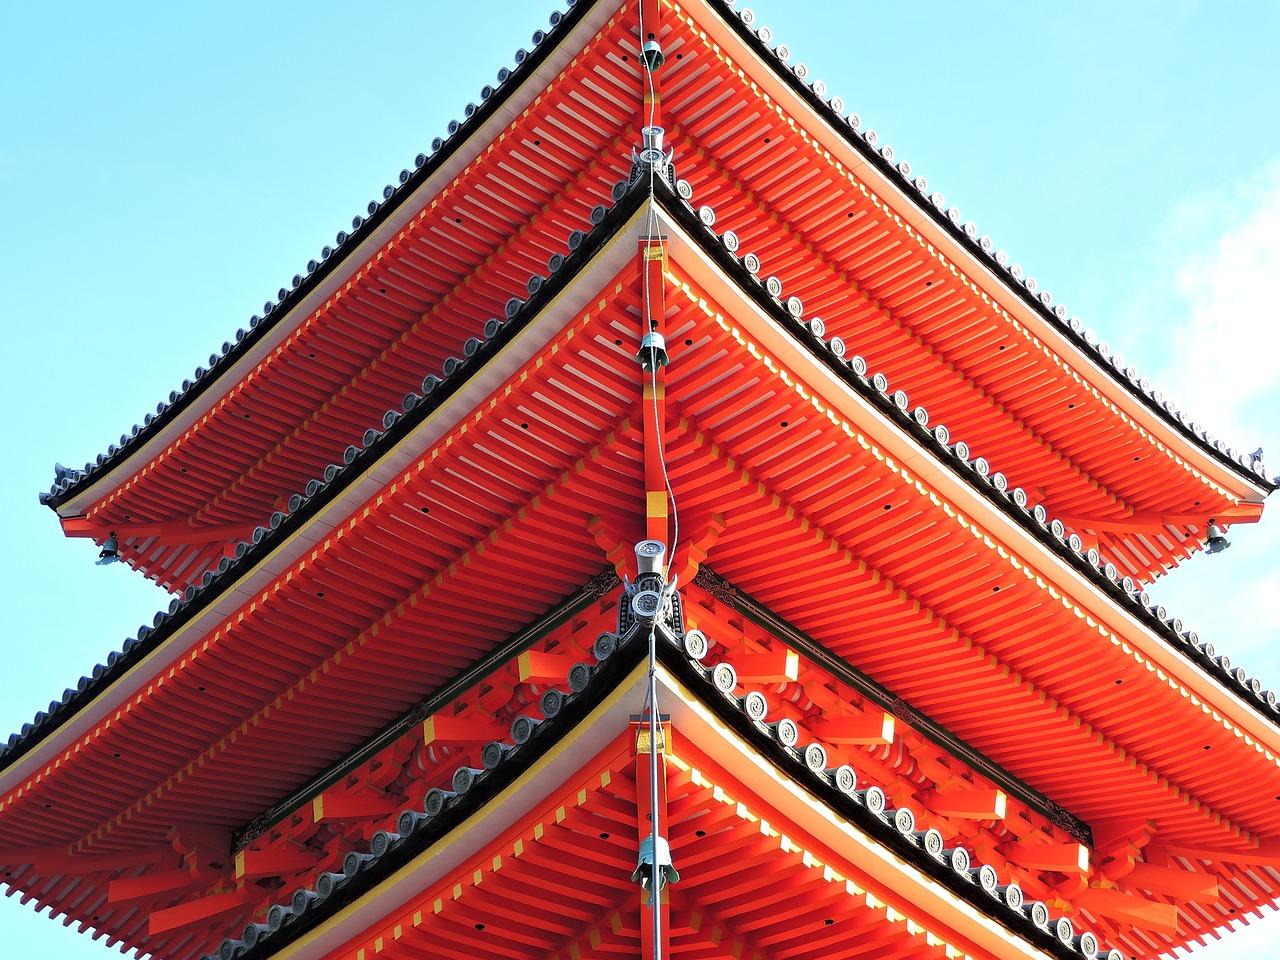 【京都デート】名古屋から日帰りで京都デートしてみた!